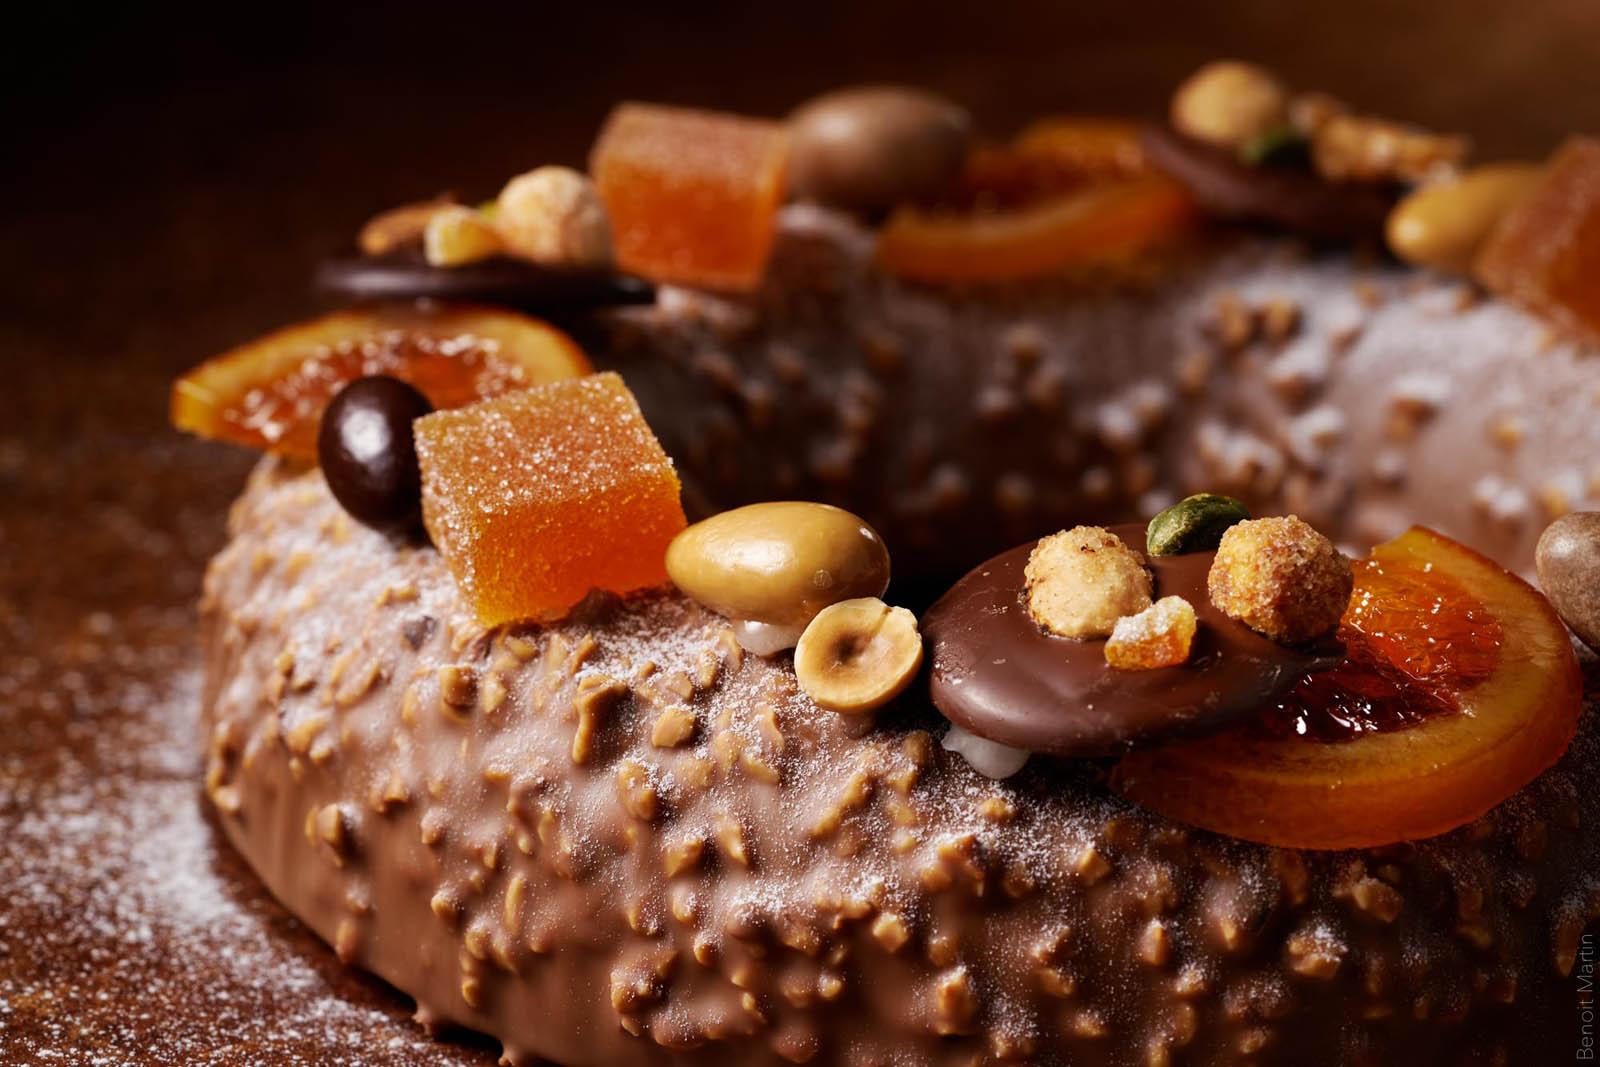 Pâtisserie : La couronne de Noël